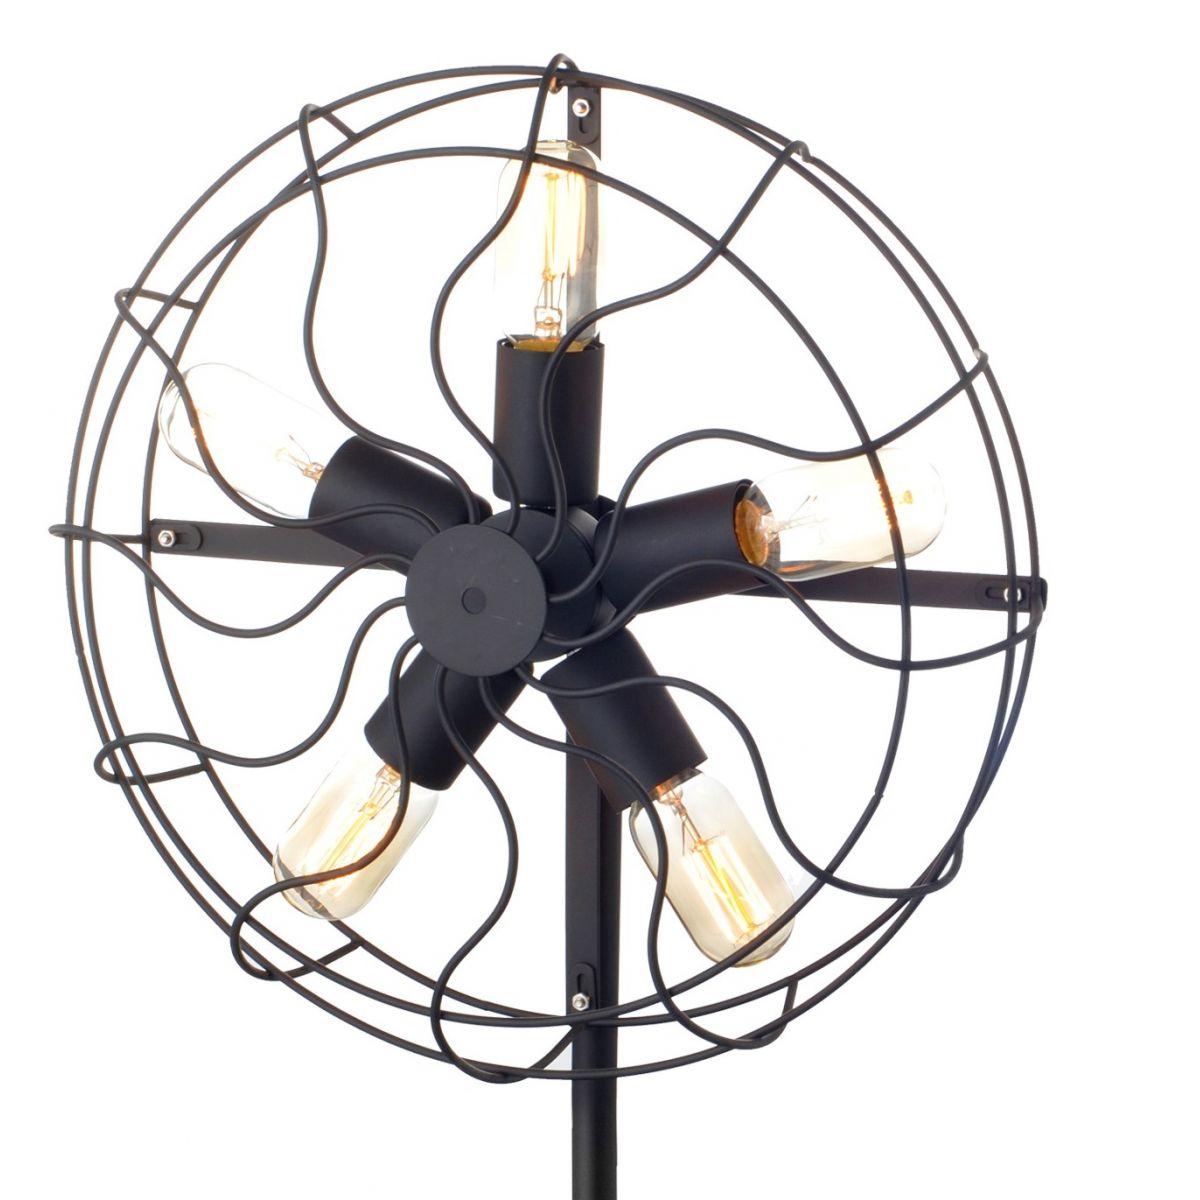 Luminária de chão Ventilador Vintage Retrô Preta Ref: Lt-271-Ch